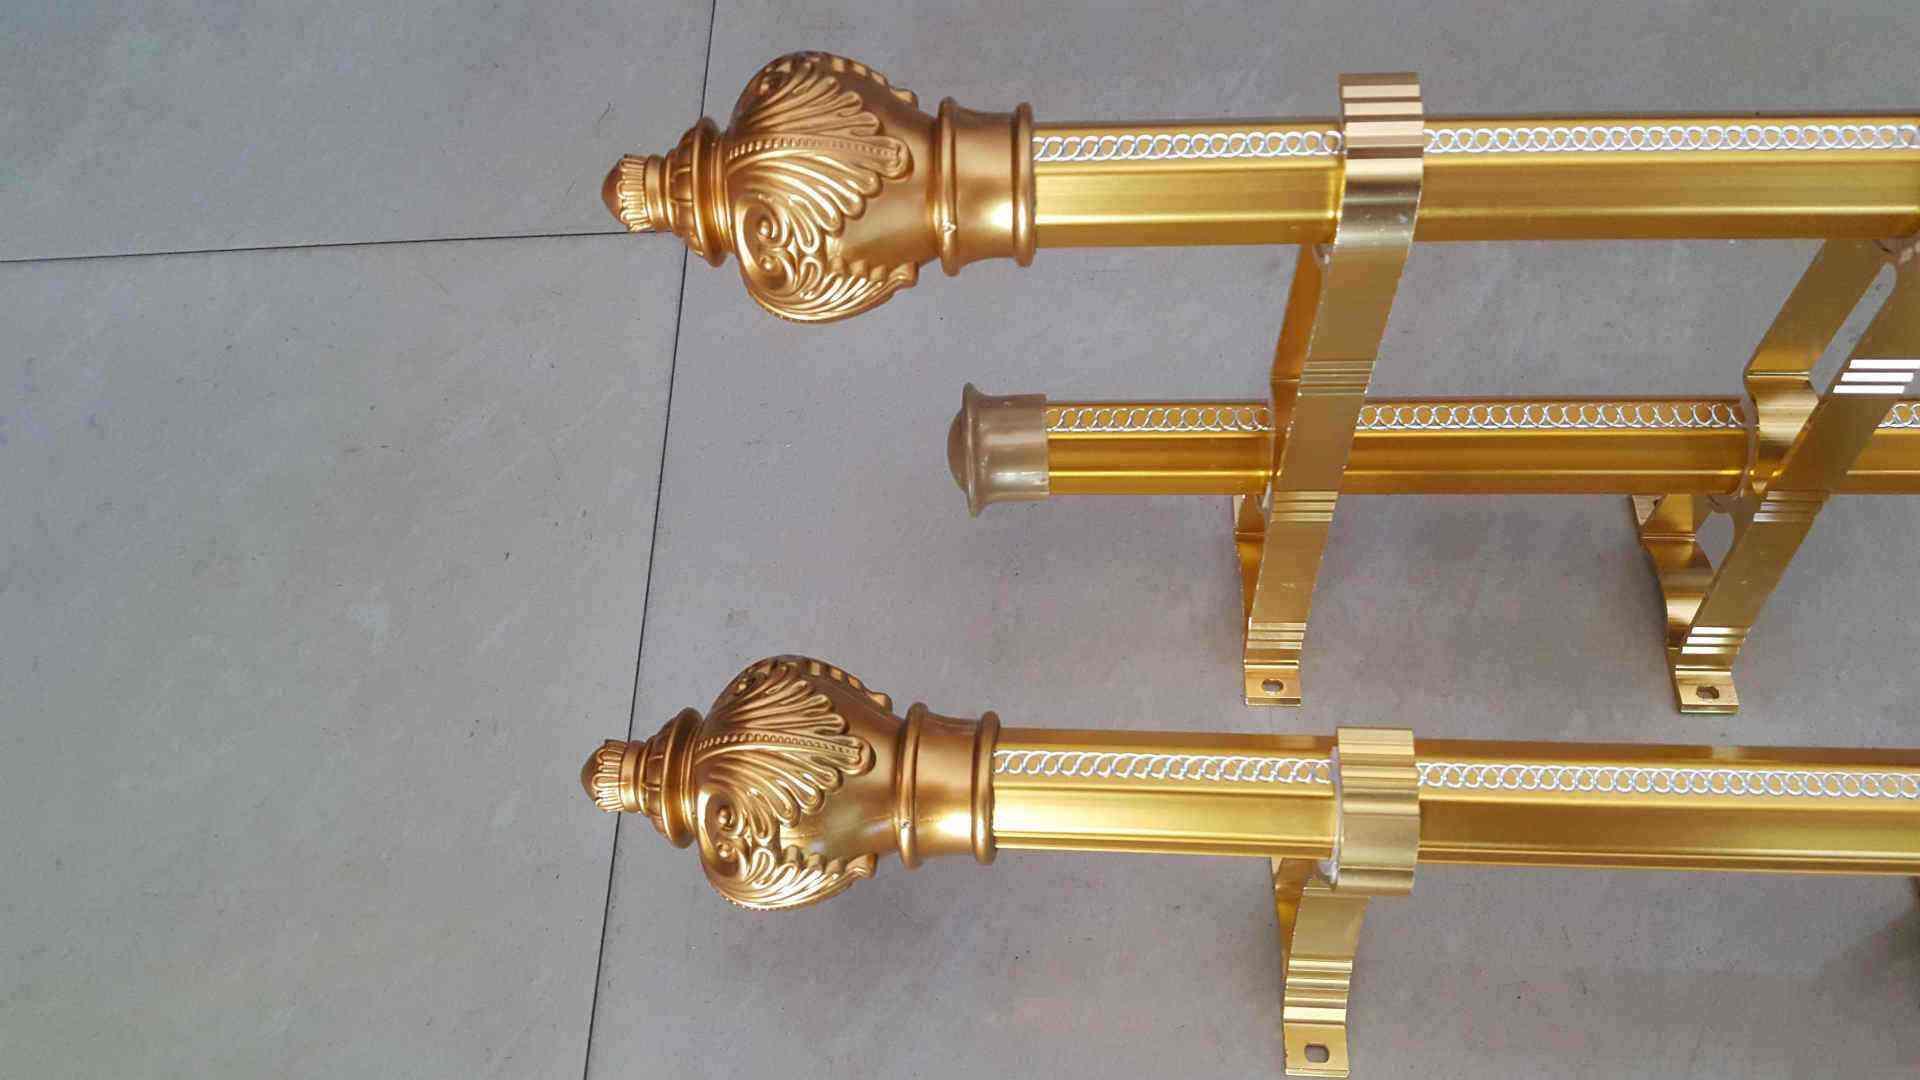 【真呀真好用】罗马杆型材-罗马杆型材厂家-广合金属